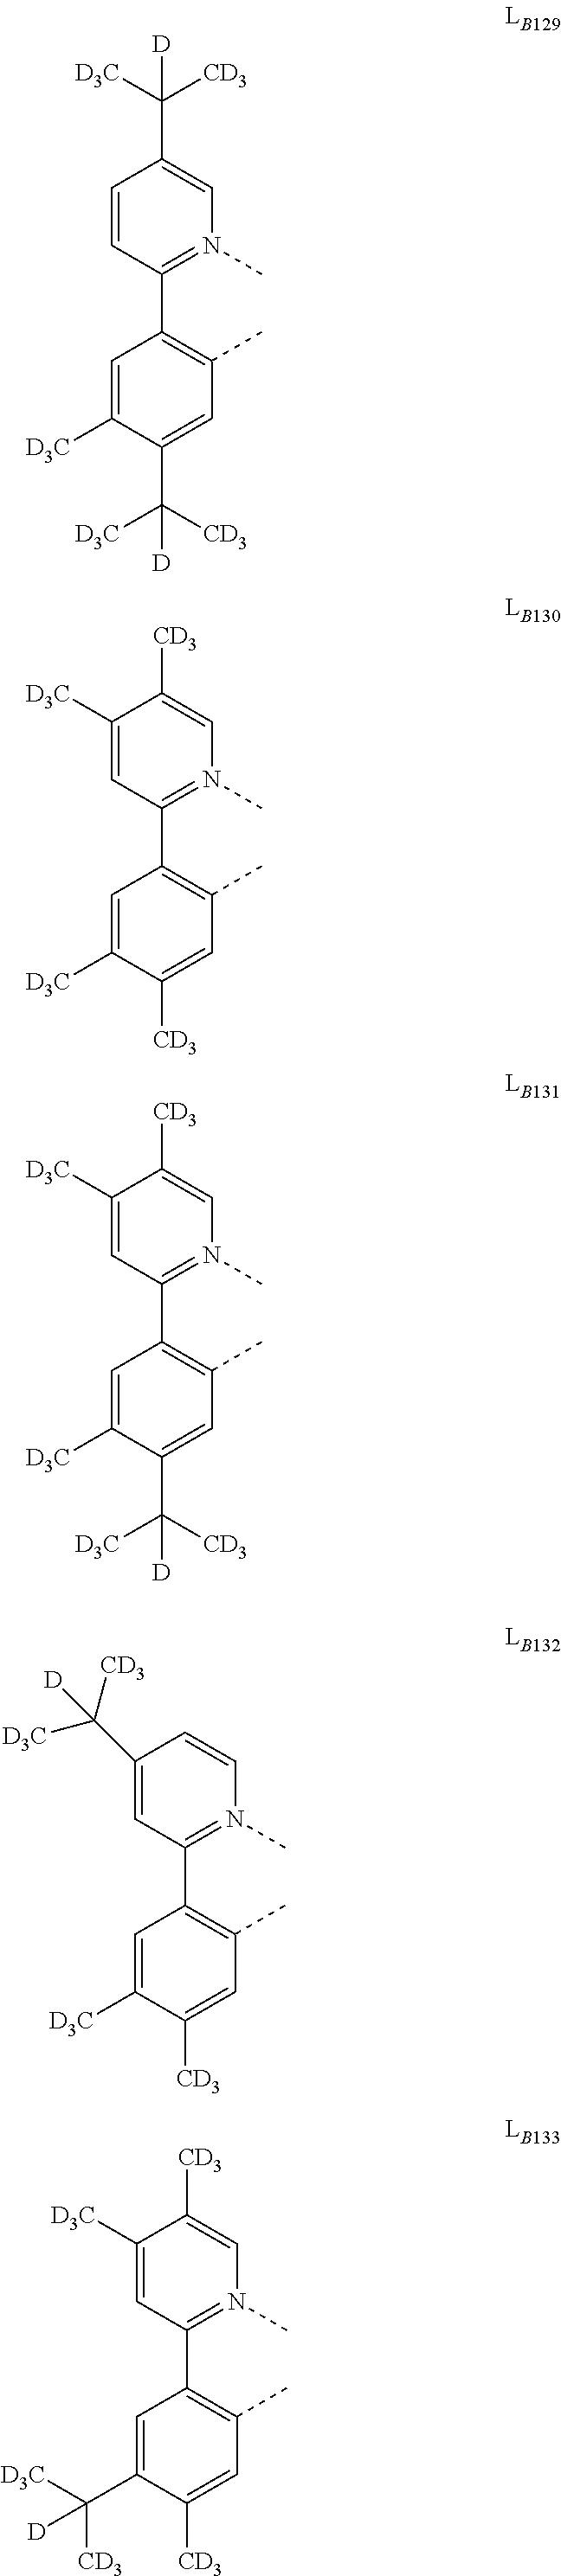 Figure US20180130962A1-20180510-C00285